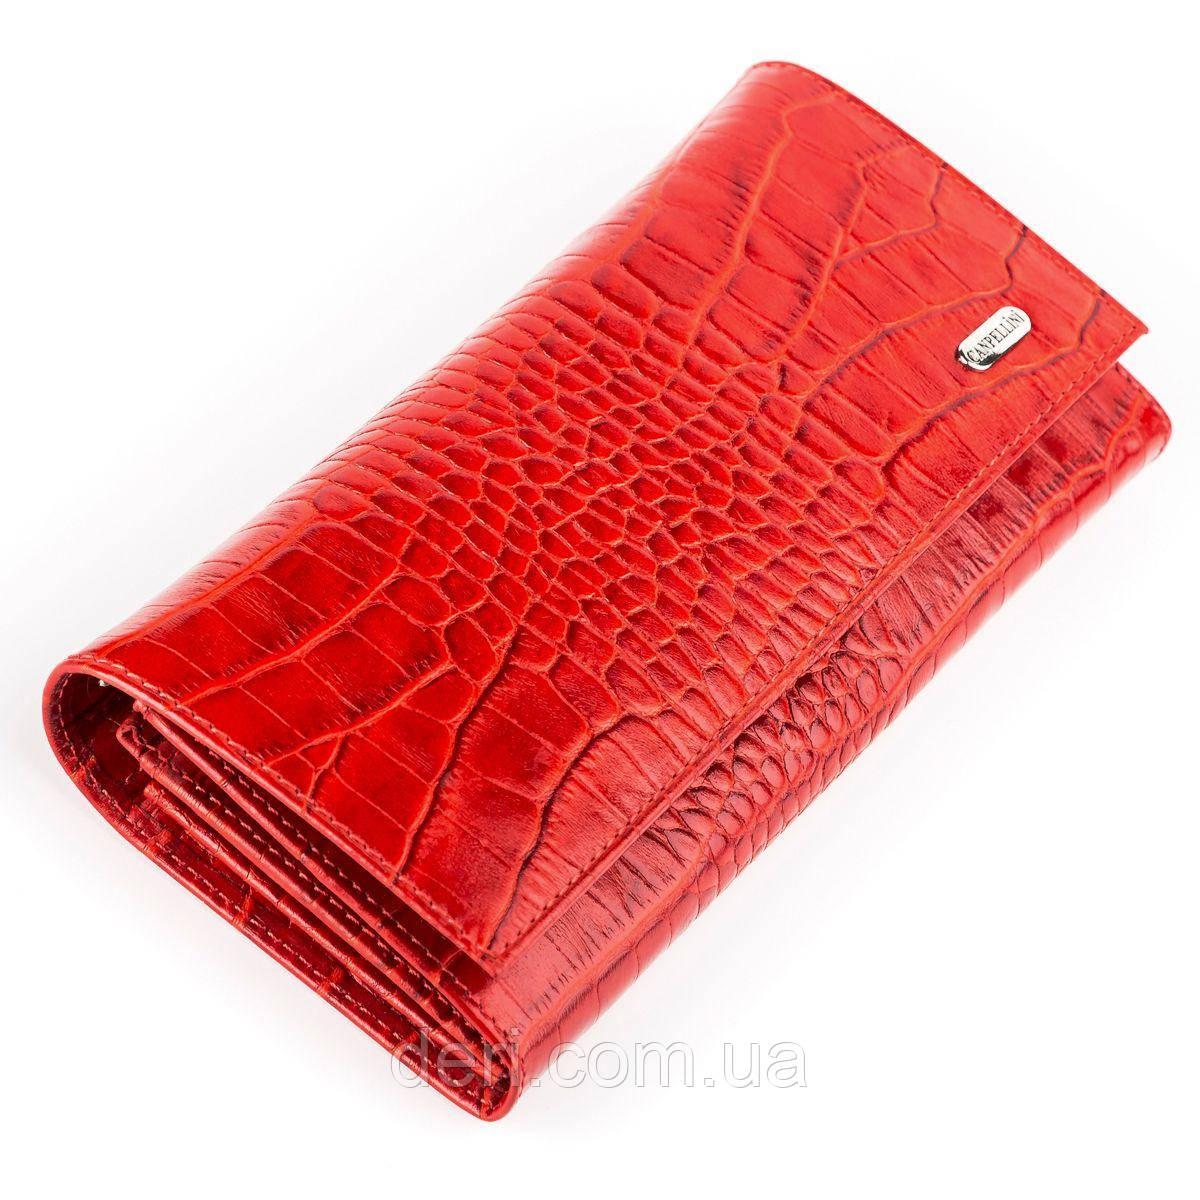 Кошелек женский CANPELLINI 17053 кожаный Красный, Красный